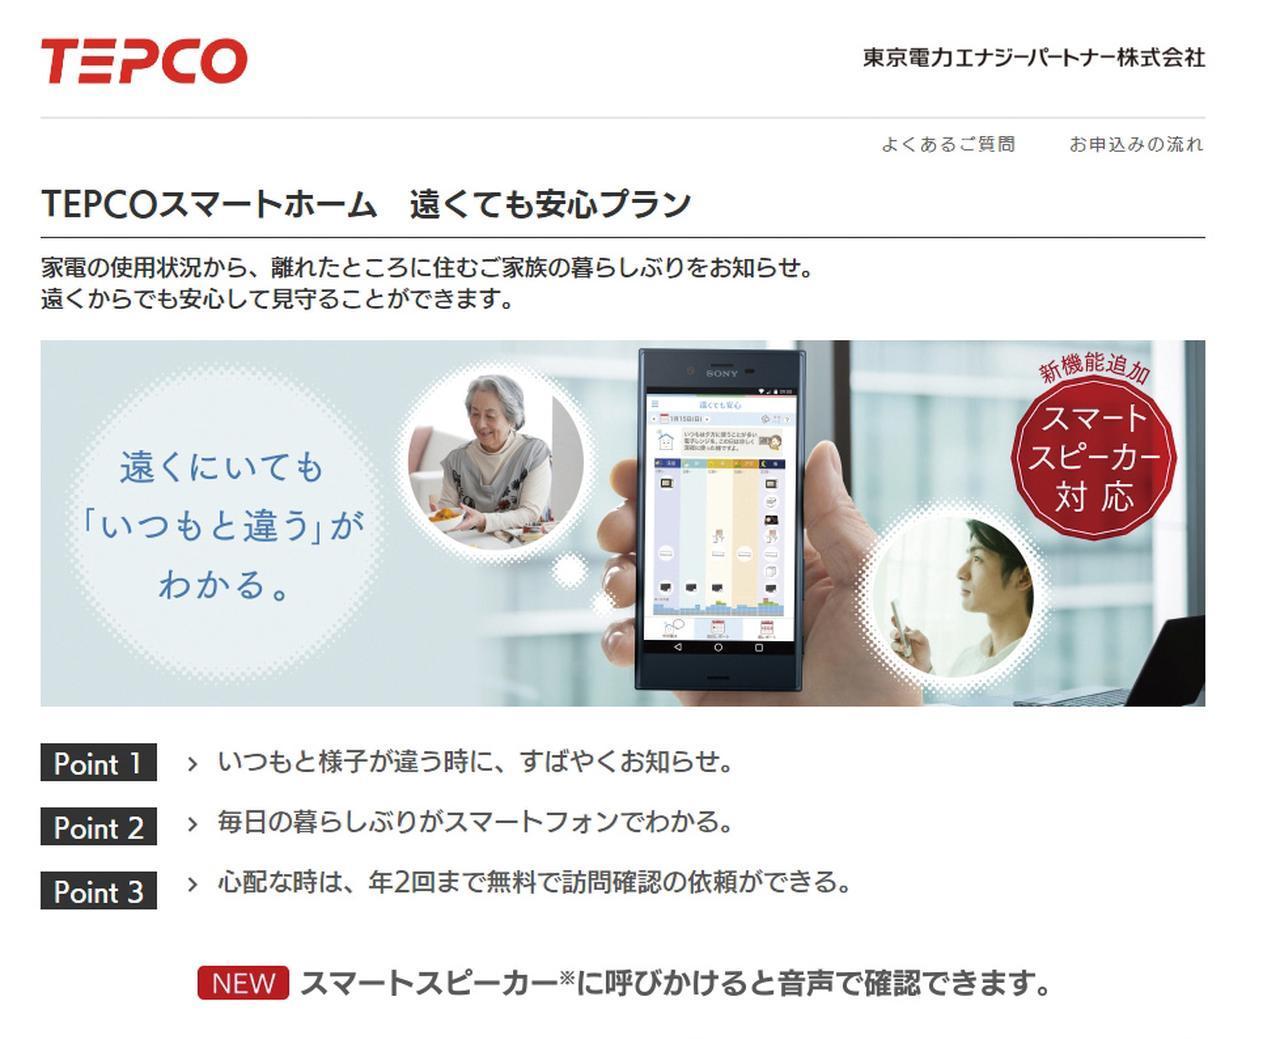 画像: 「TEPCOスマートホーム」の「遠くても安心プラン」では、離れた家族がいつ、どのような家電を使ったかを知らせてくれる。